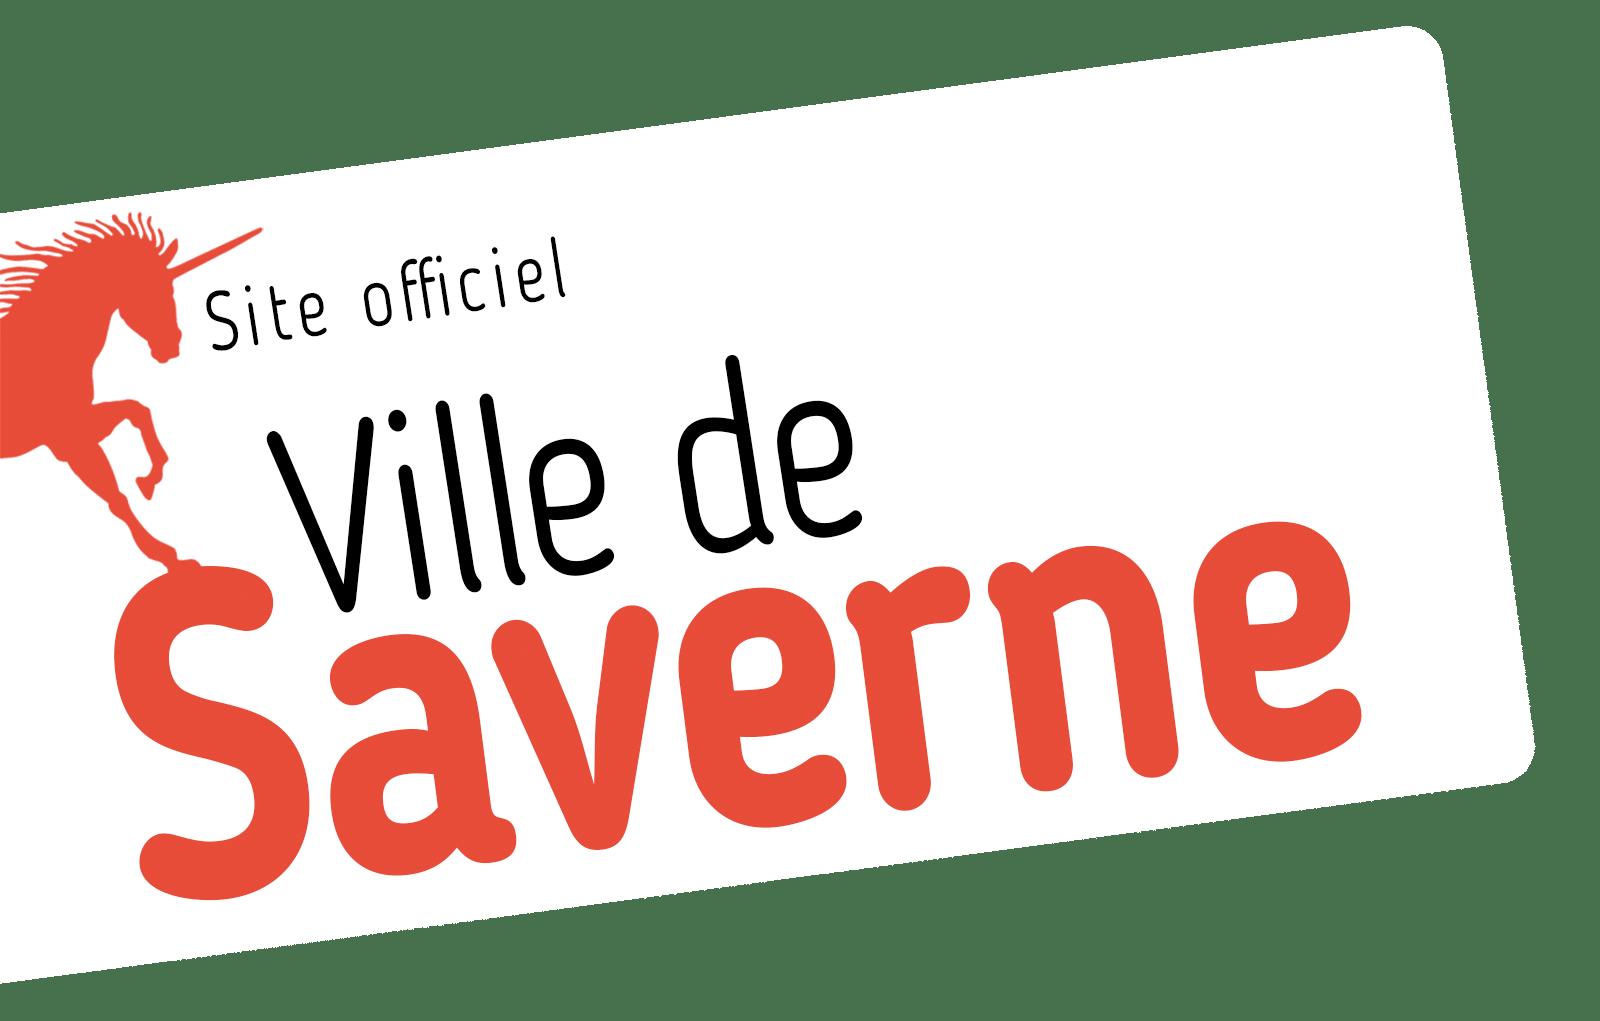 Mairie de Saverne